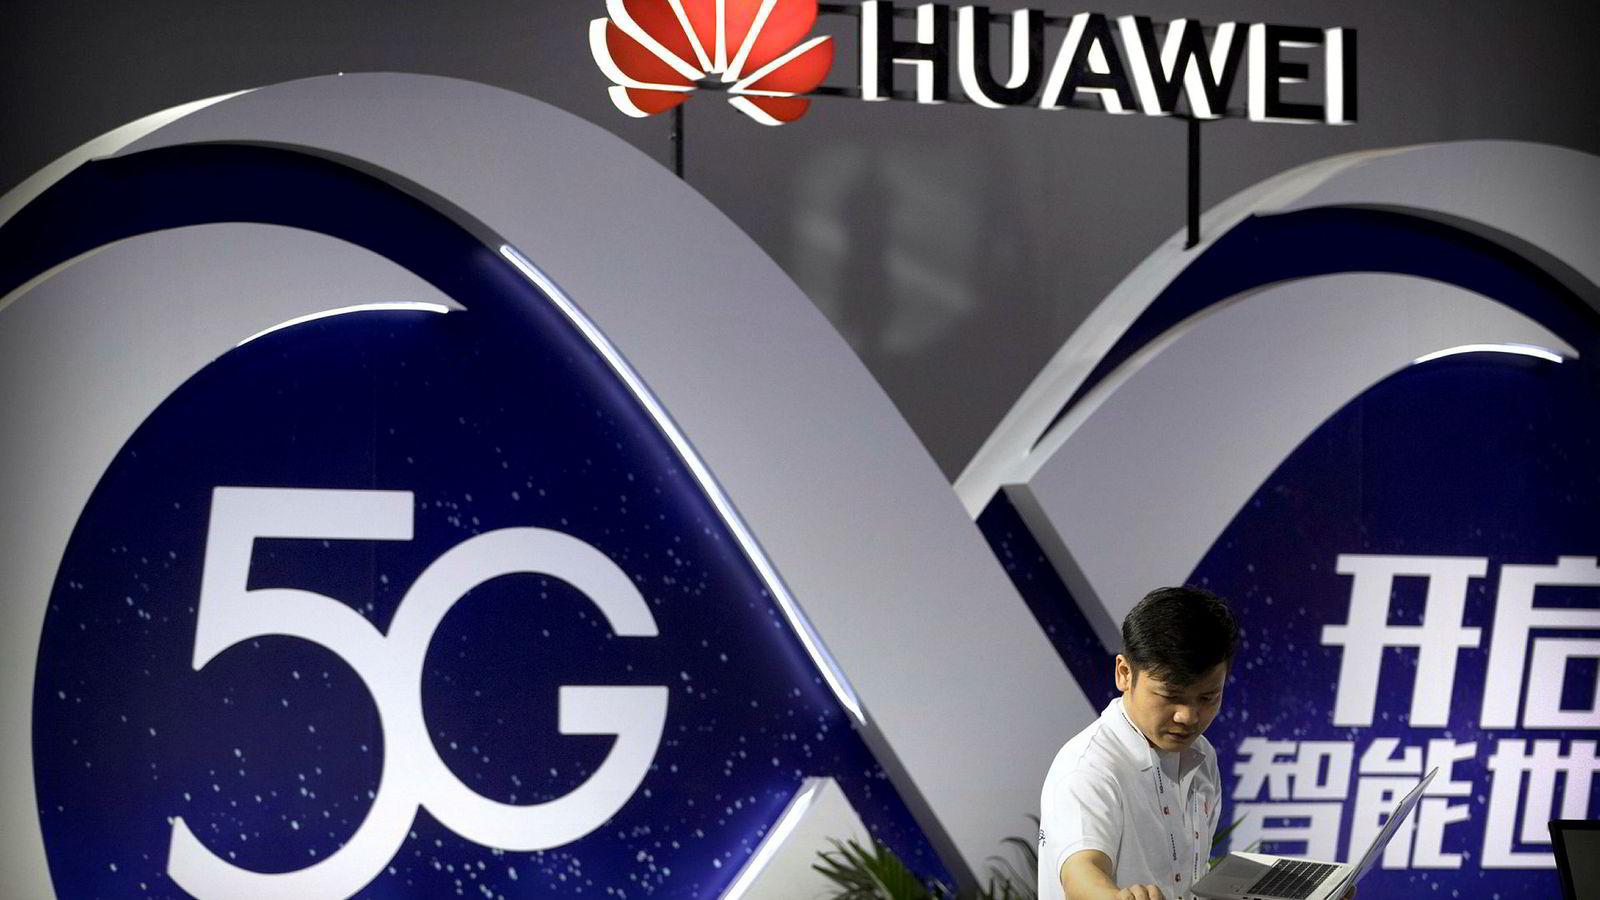 Australia og New Zealand var først ute med å bannlyse Huawei fra utbyggingen av 5G-nettverkene.  Nå viser Kina det vil få konsekvenser med boikott av reiselivssektoren og uforklarte hendelser.